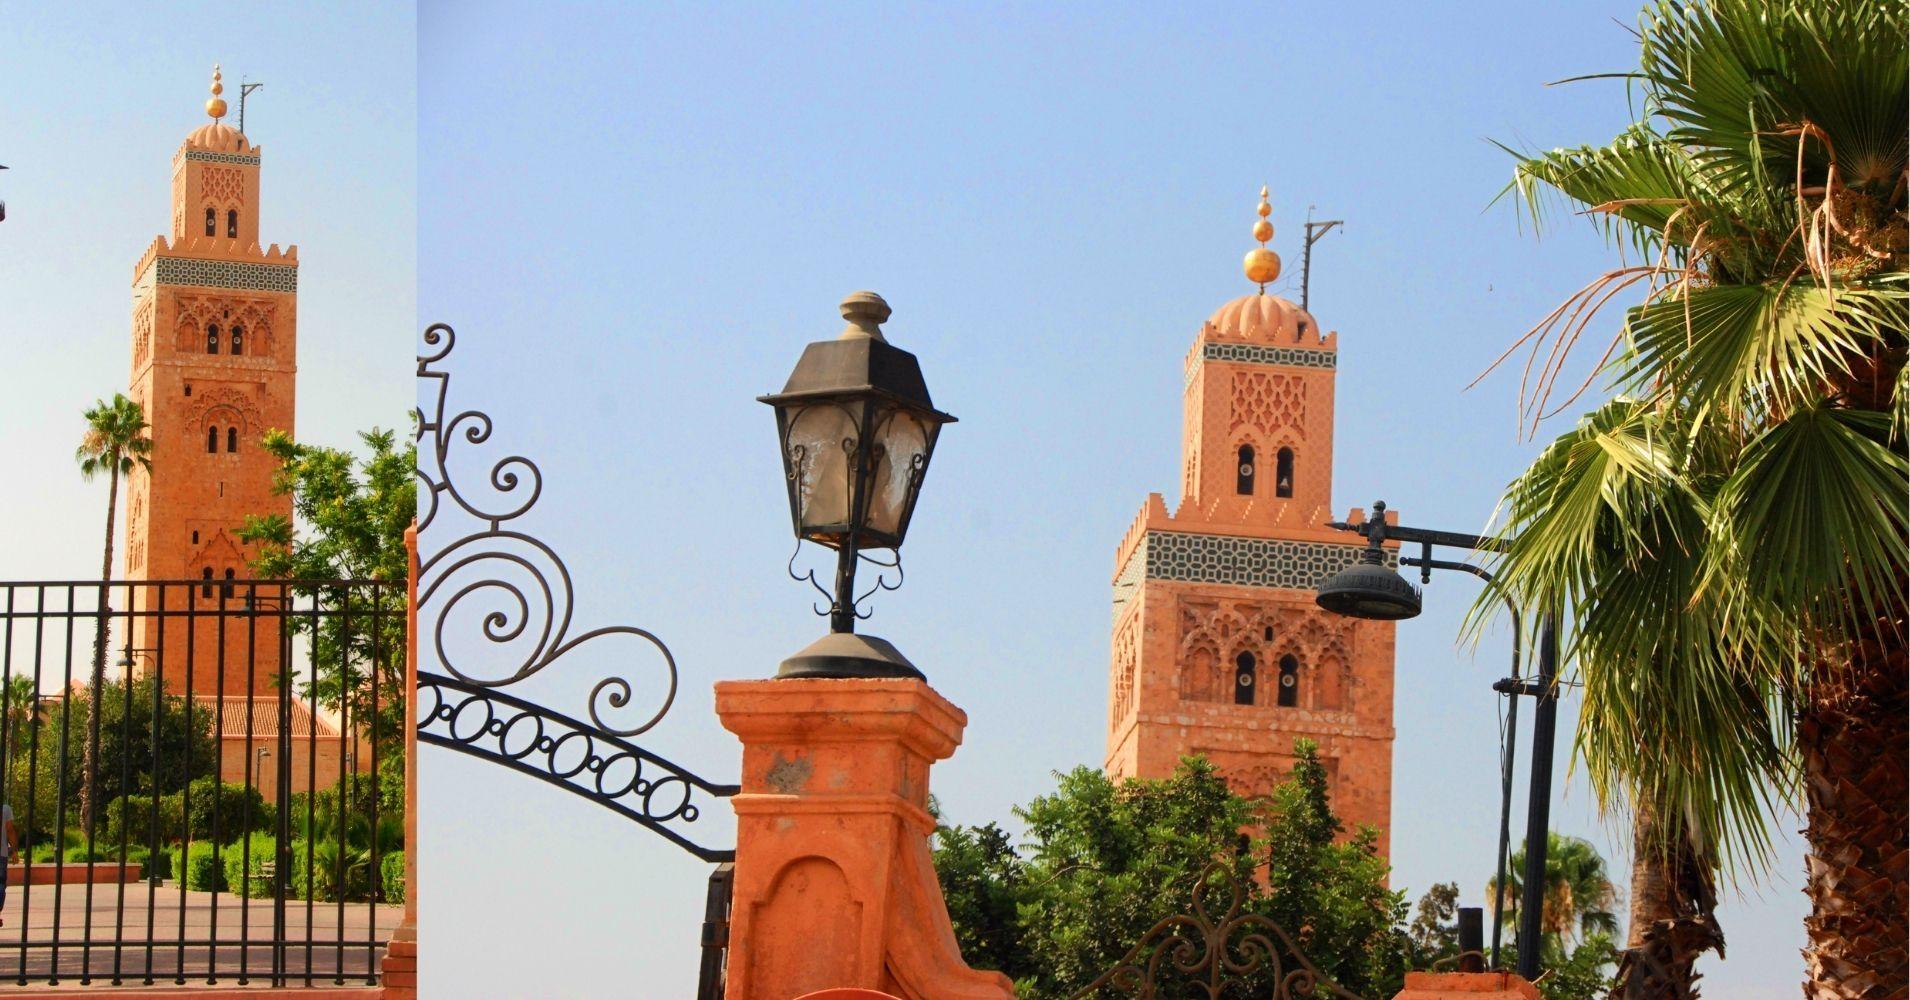 Paseando por Marrakech, Marruecos.